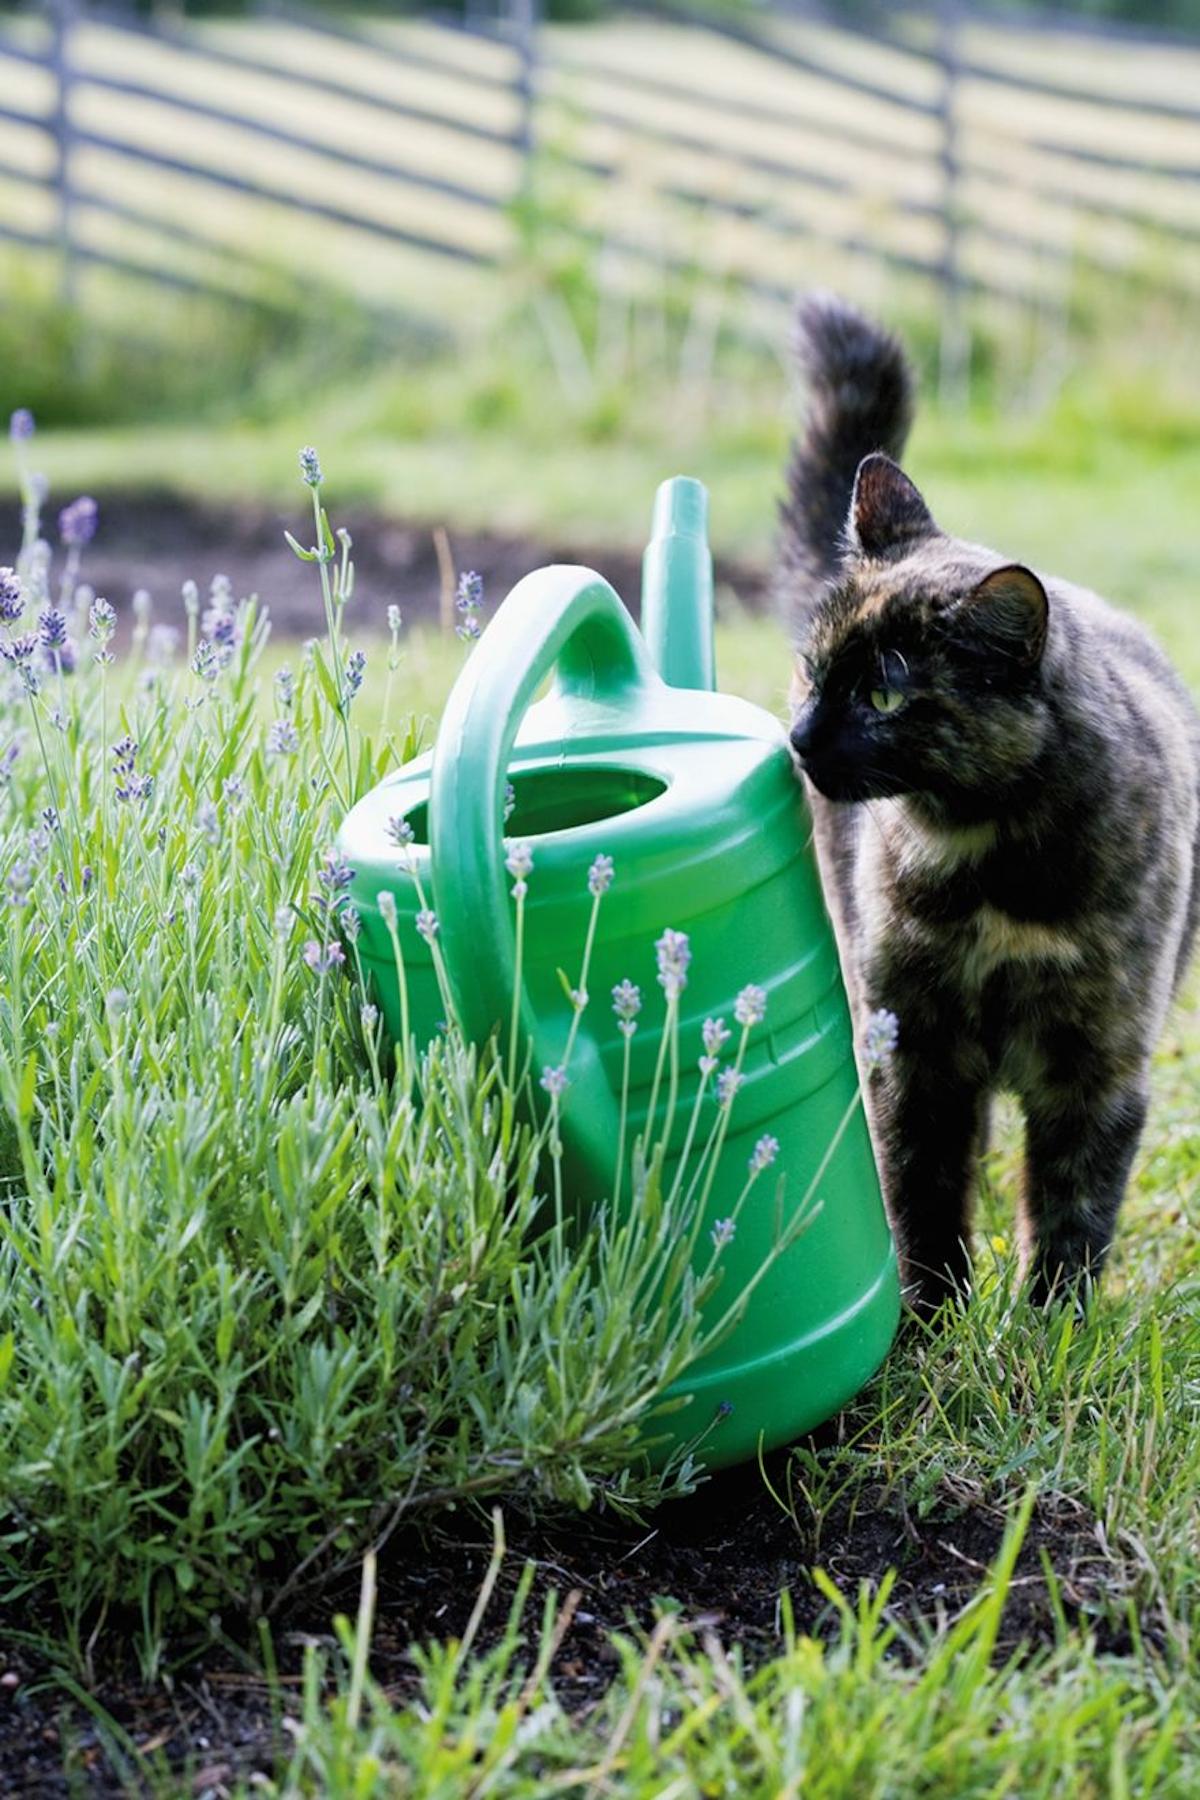 Katzen können versucht sein, aus Gefäßen im Freien zu trinken, wie z. B. Gießkannen. Besitzer müssen sicherstellen, dass diese keine toxischen Substanzen enthalten.